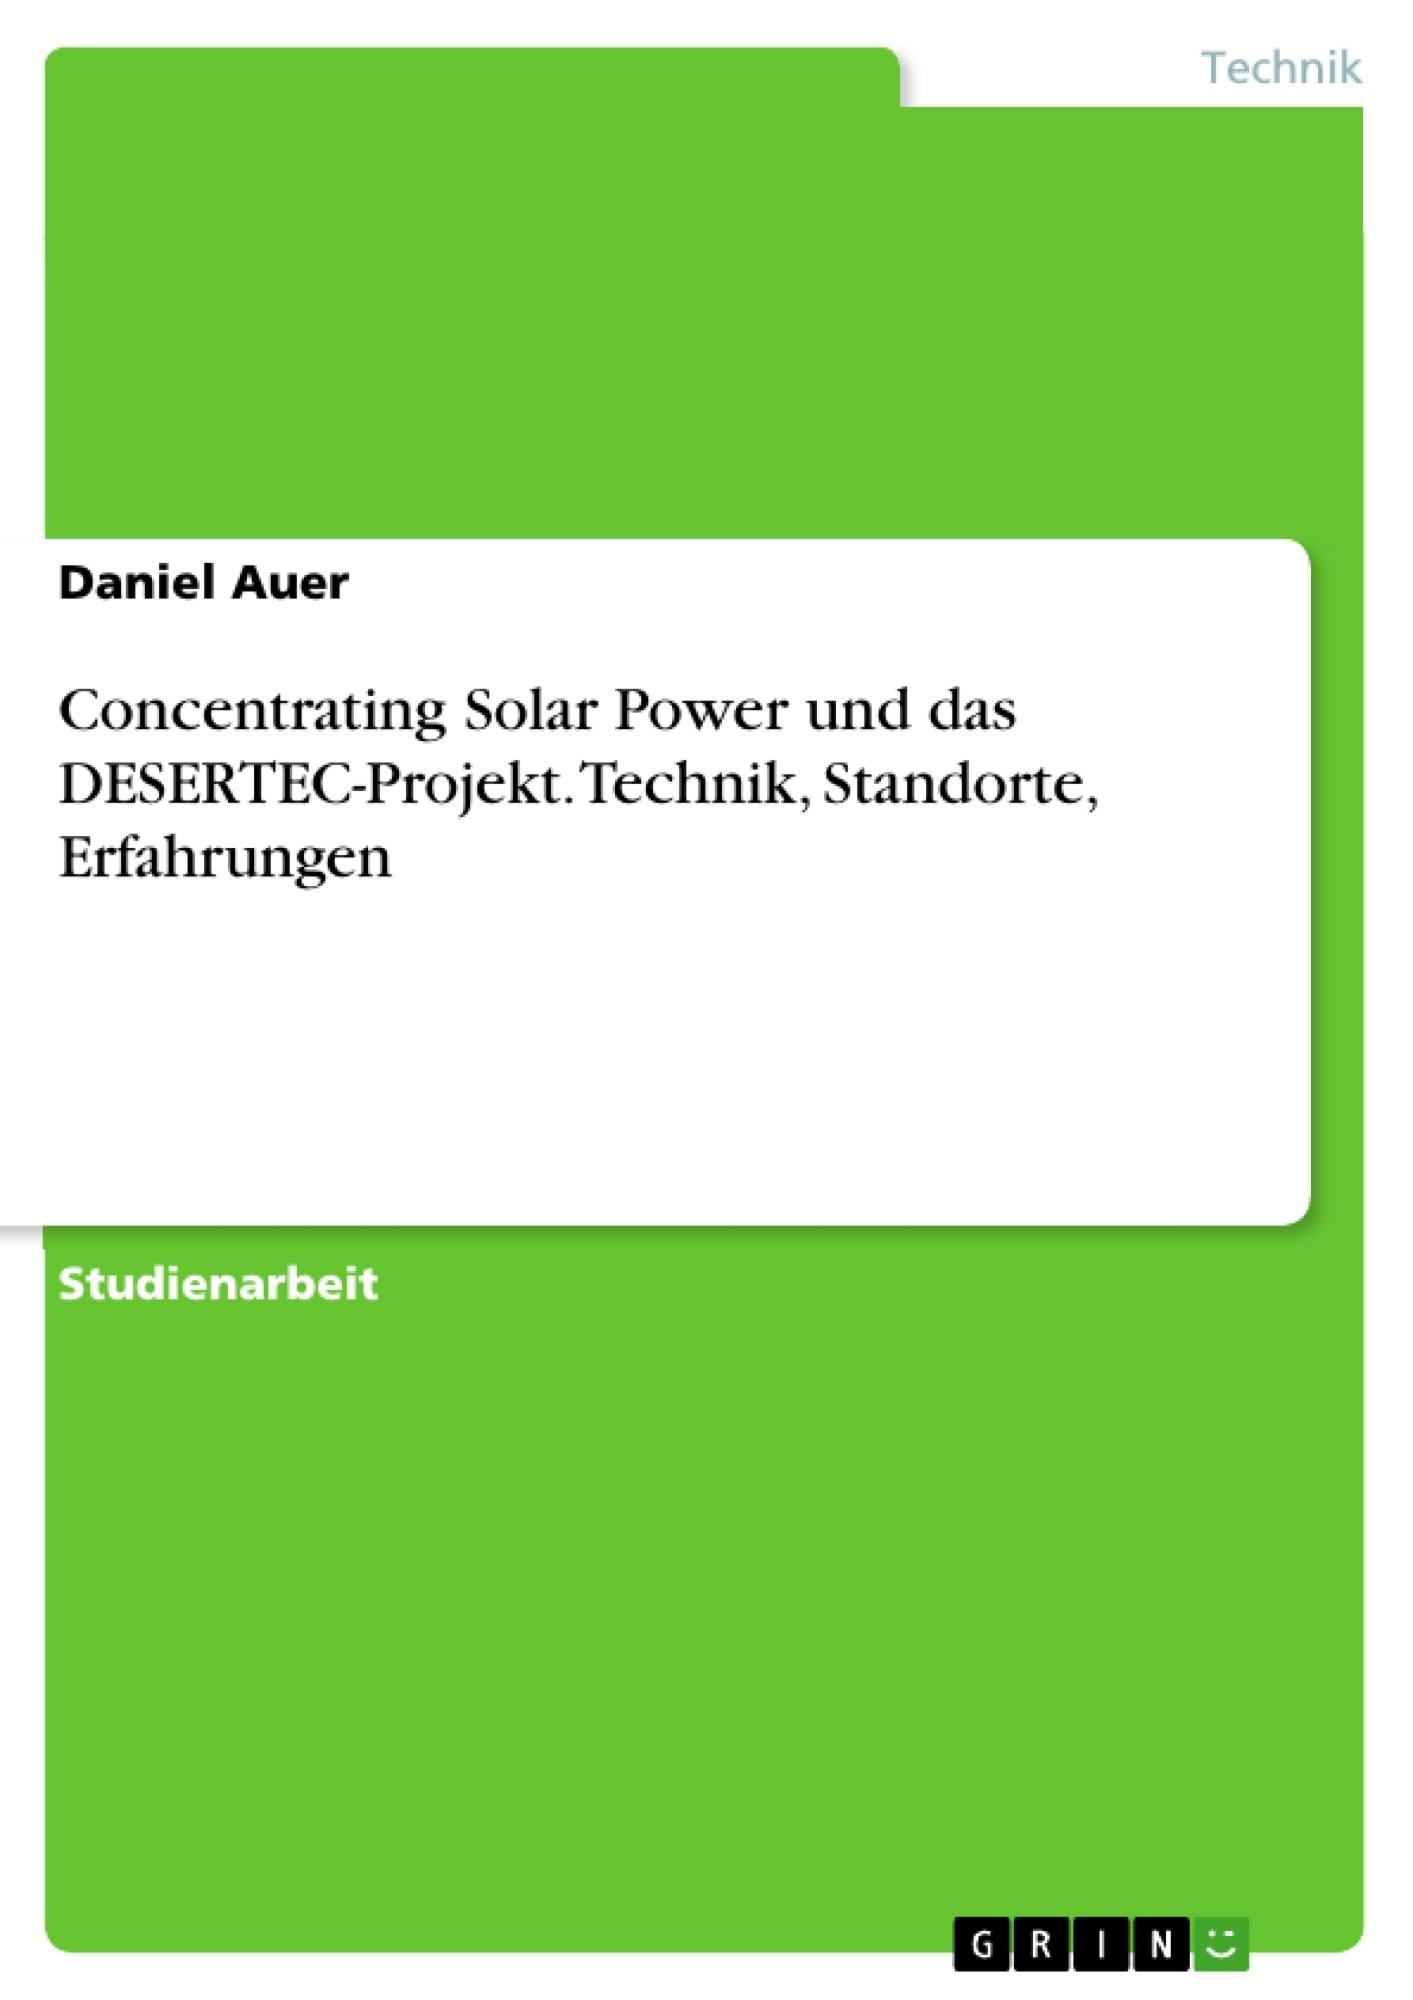 Titel: Concentrating Solar Power und das DESERTEC-Projekt. Technik, Standorte, Erfahrungen